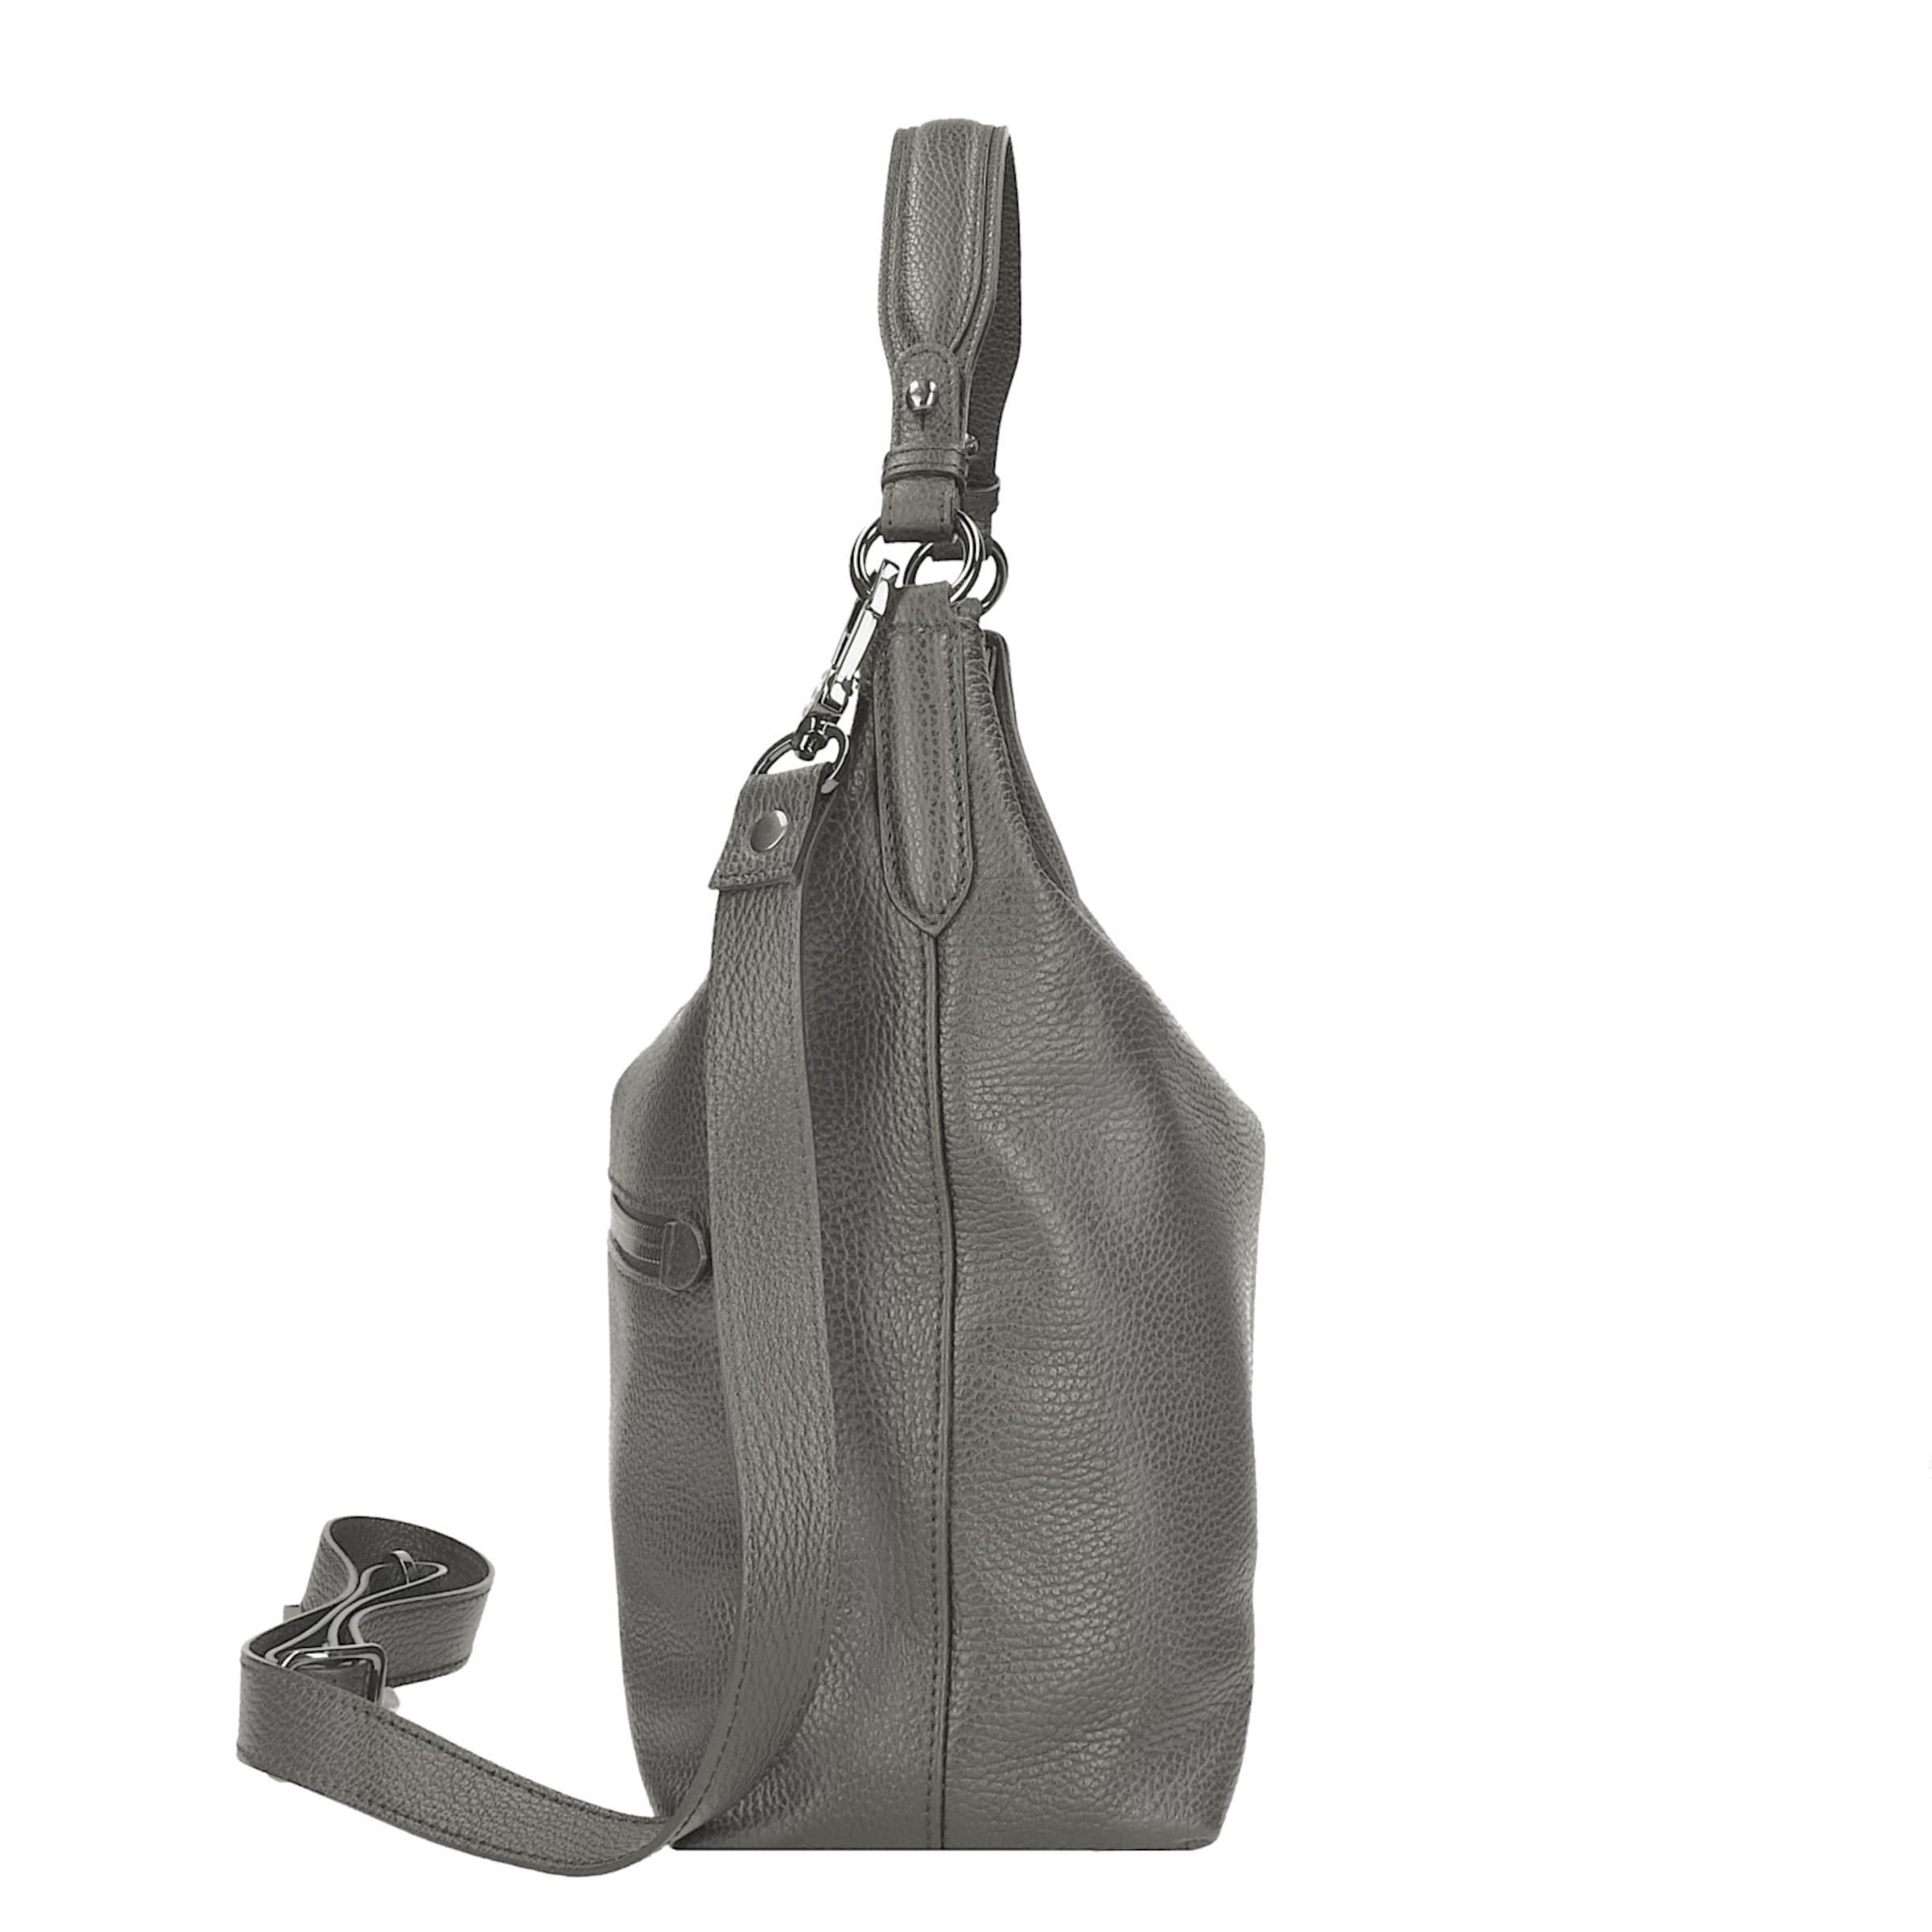 Rabatt Bestellen Größte Anbieter ABRO Adria Schultertasche Leder 32 cm Zuverlässig Zu Verkaufen 79DwCIXJ